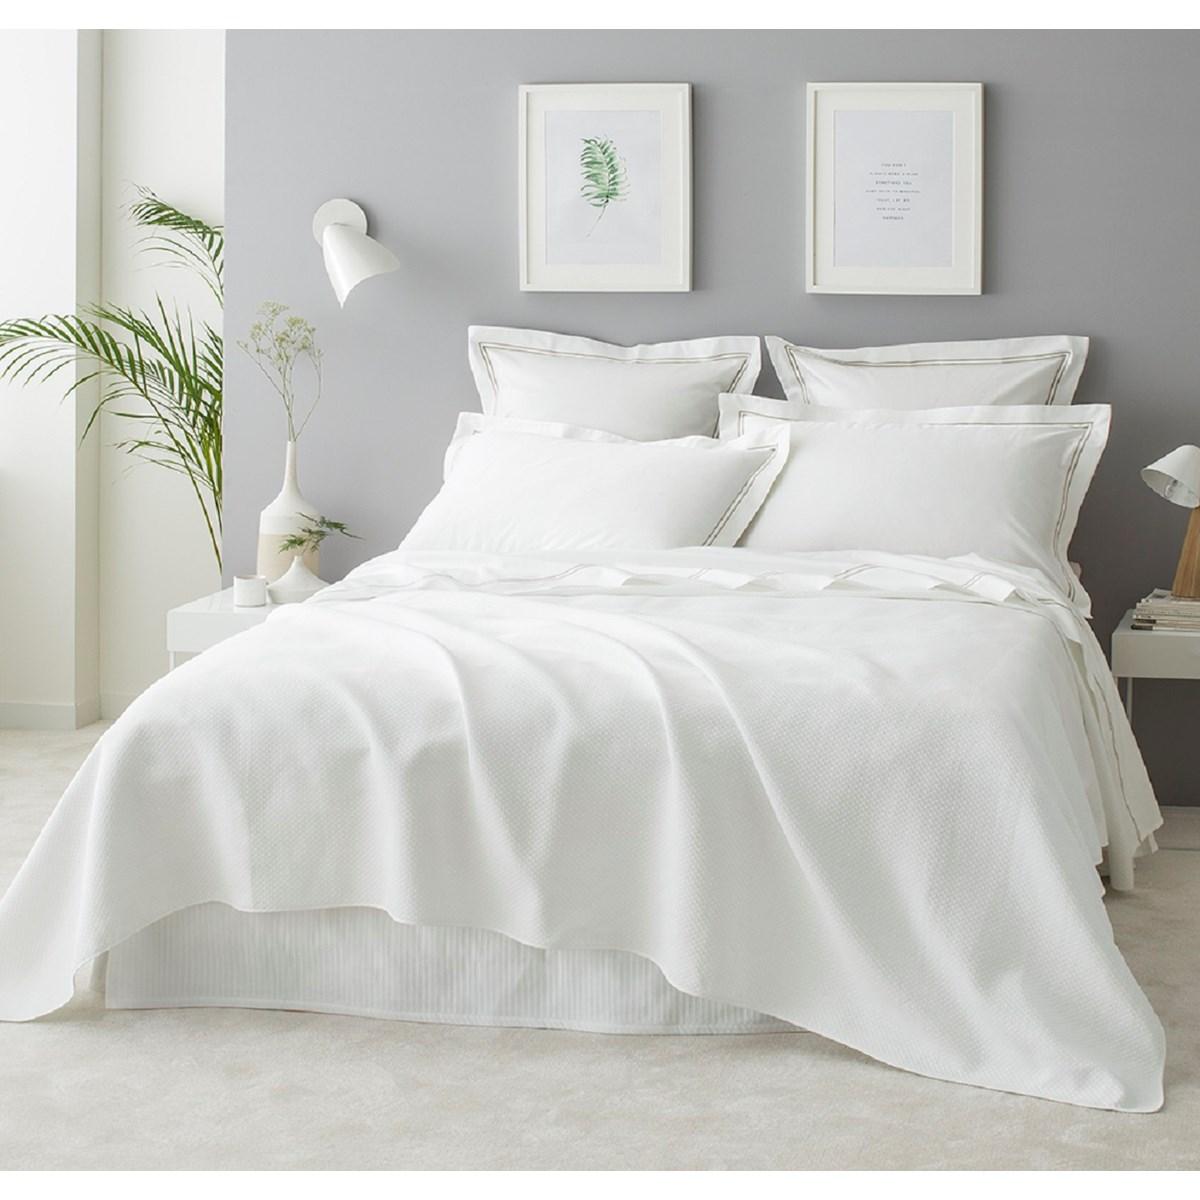 Couverture d'été luxe en Coton  Blanc 280x260 cm